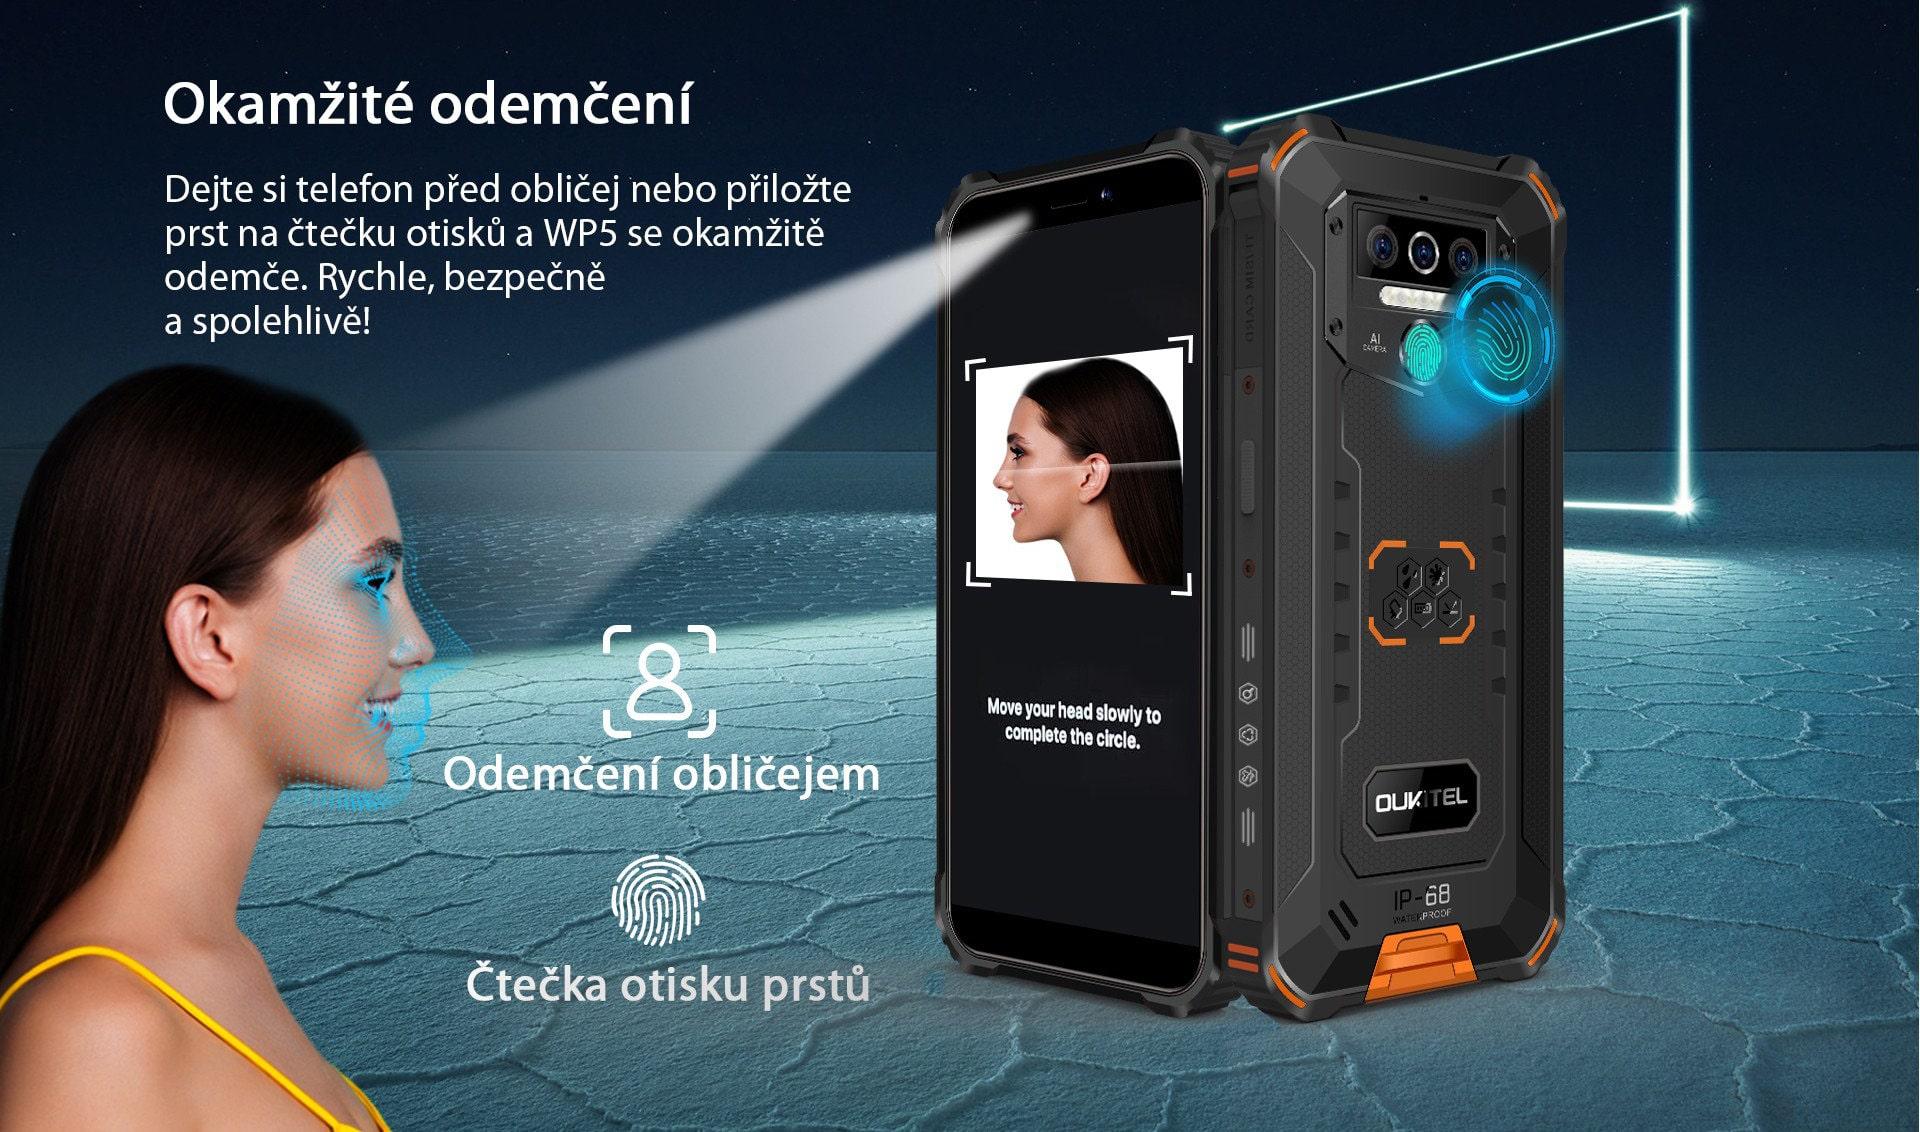 Oukitel-WP5-zabezpeceni